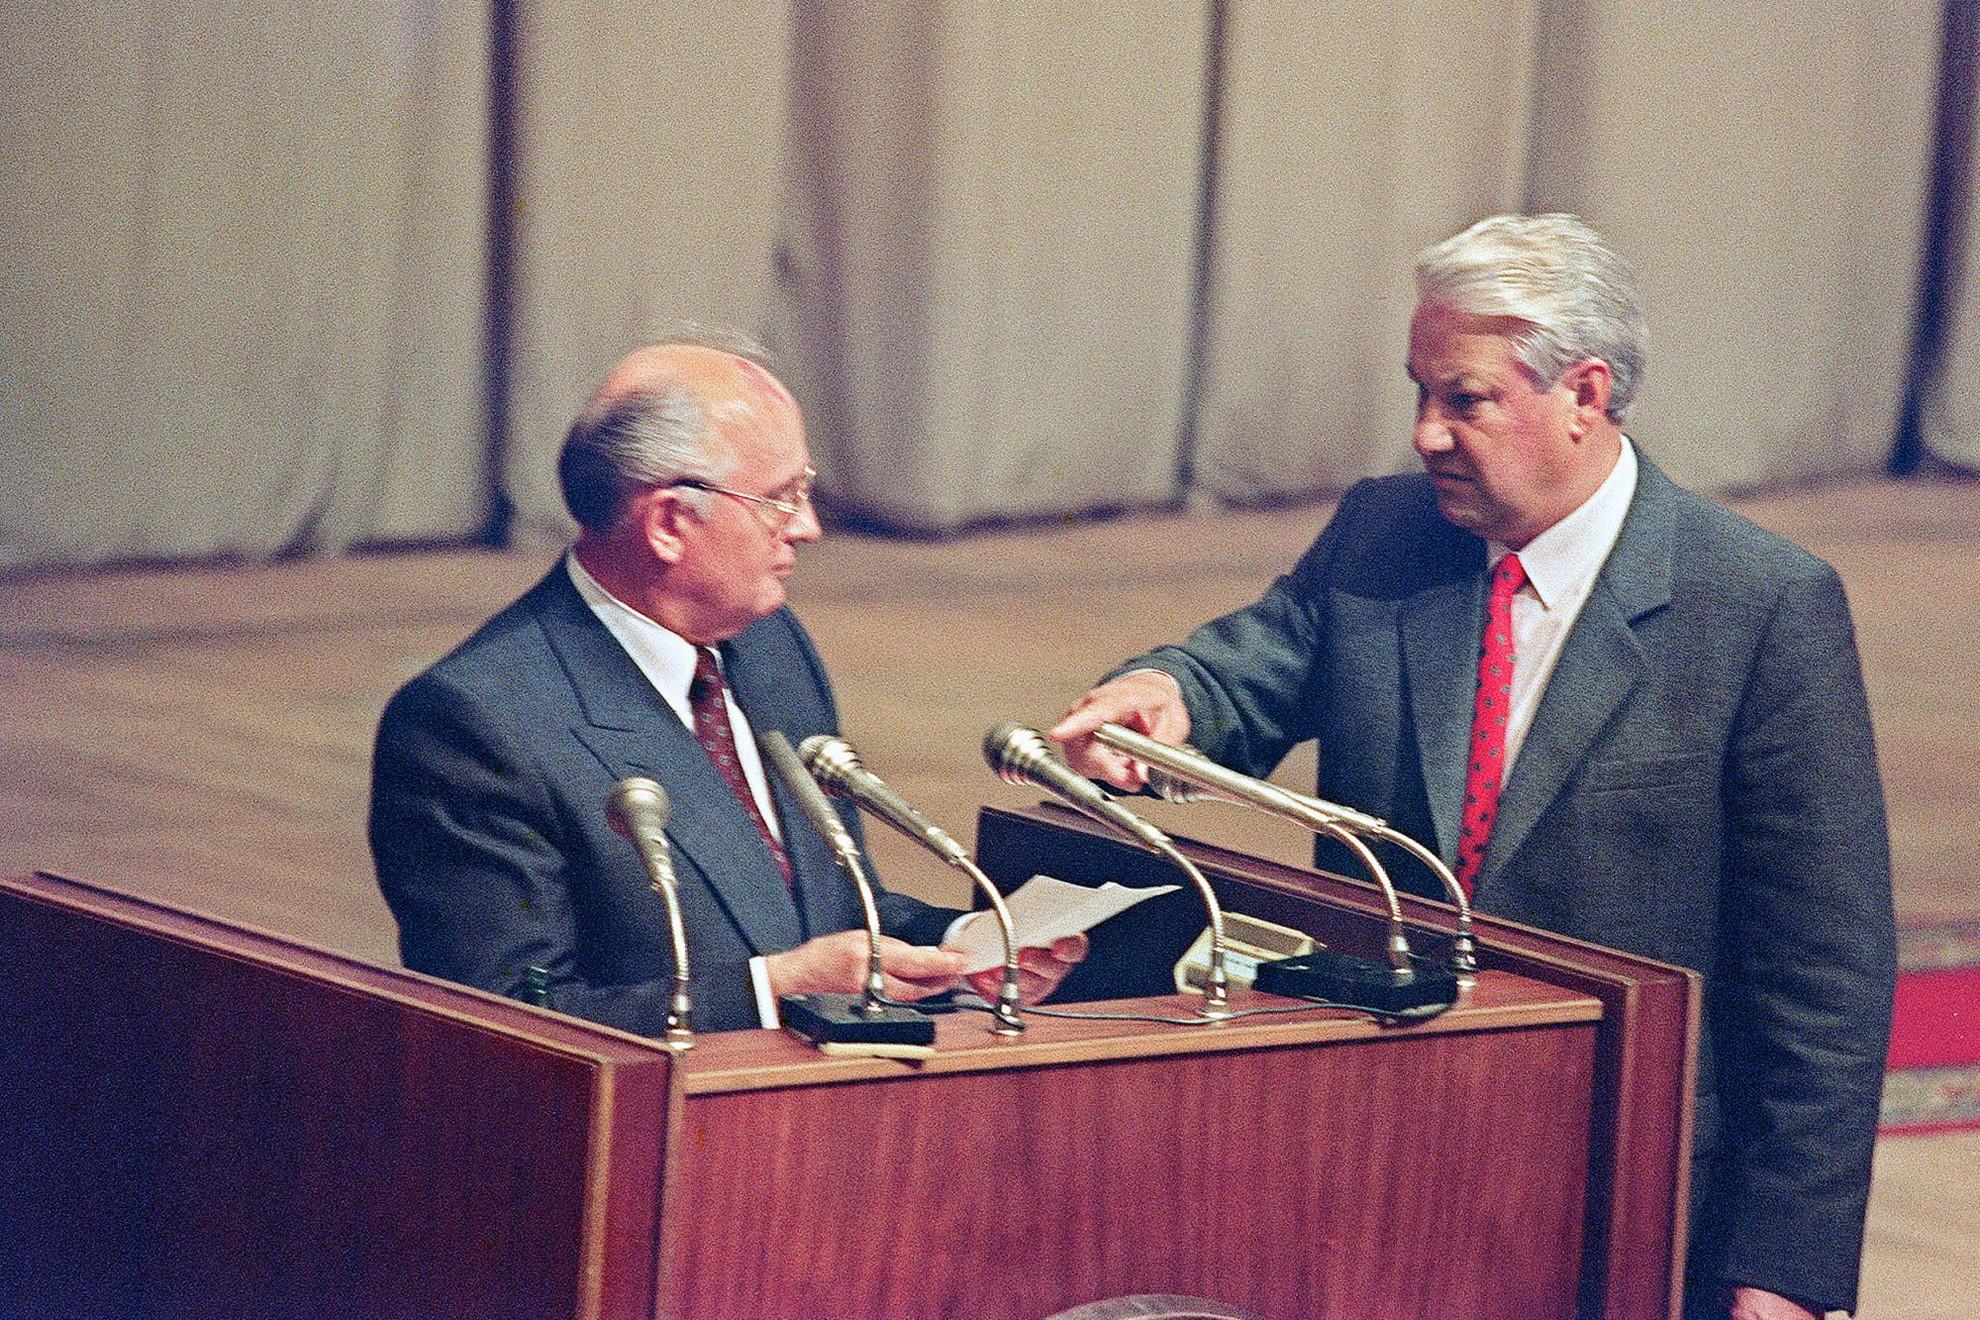 Mihail Gorbacsov pártvezető, akit meg akartak buktatni és Borisz Jelcin, az Orosz Föderáció elnöke, aki törvénytelennek minősítette a puccskísérletet